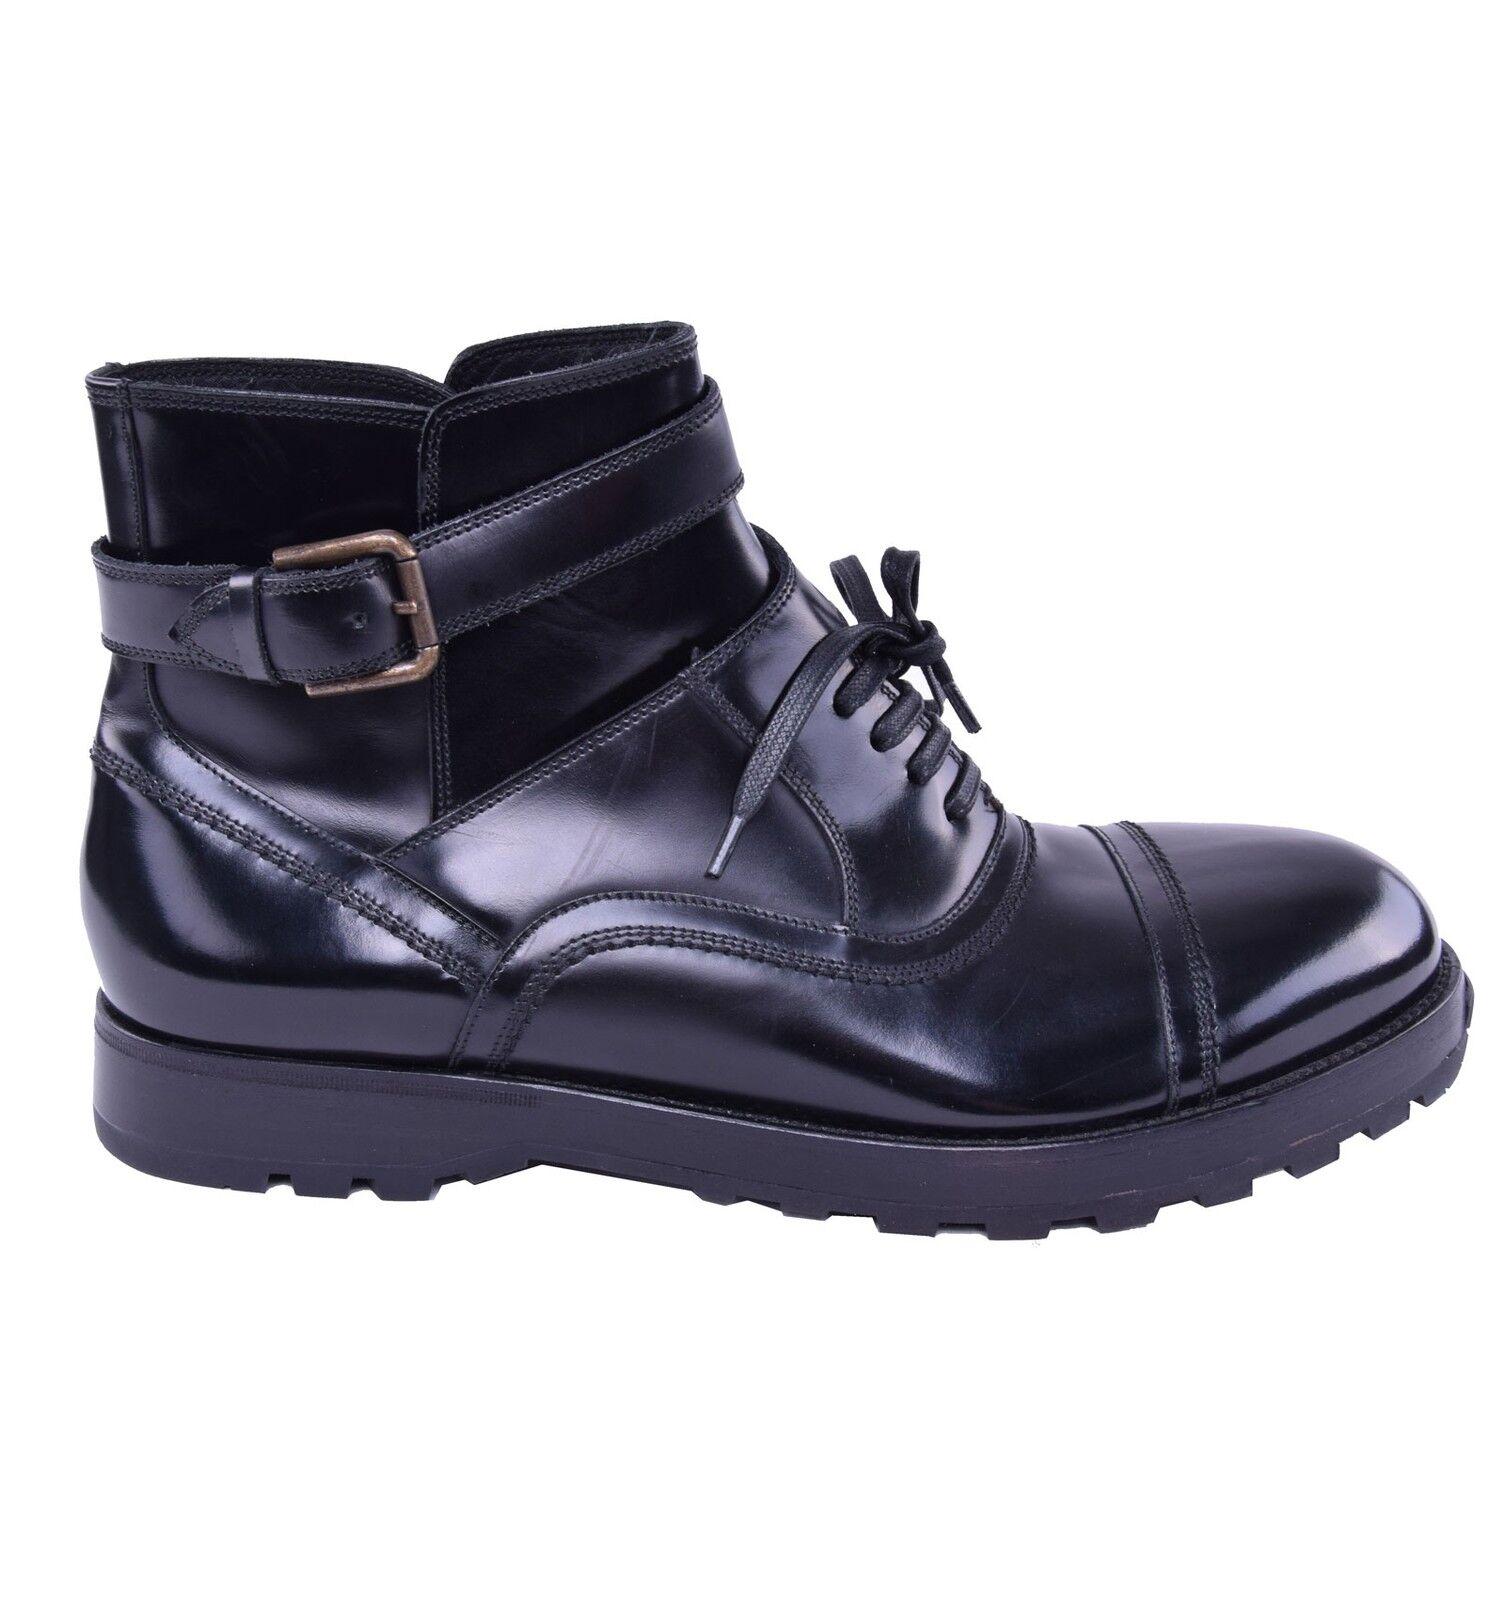 Dolce & SCARPE GABBANA fissa STIVALETTI CON FIBBIA SCARPE & NERE Boots 03842 8c1db6